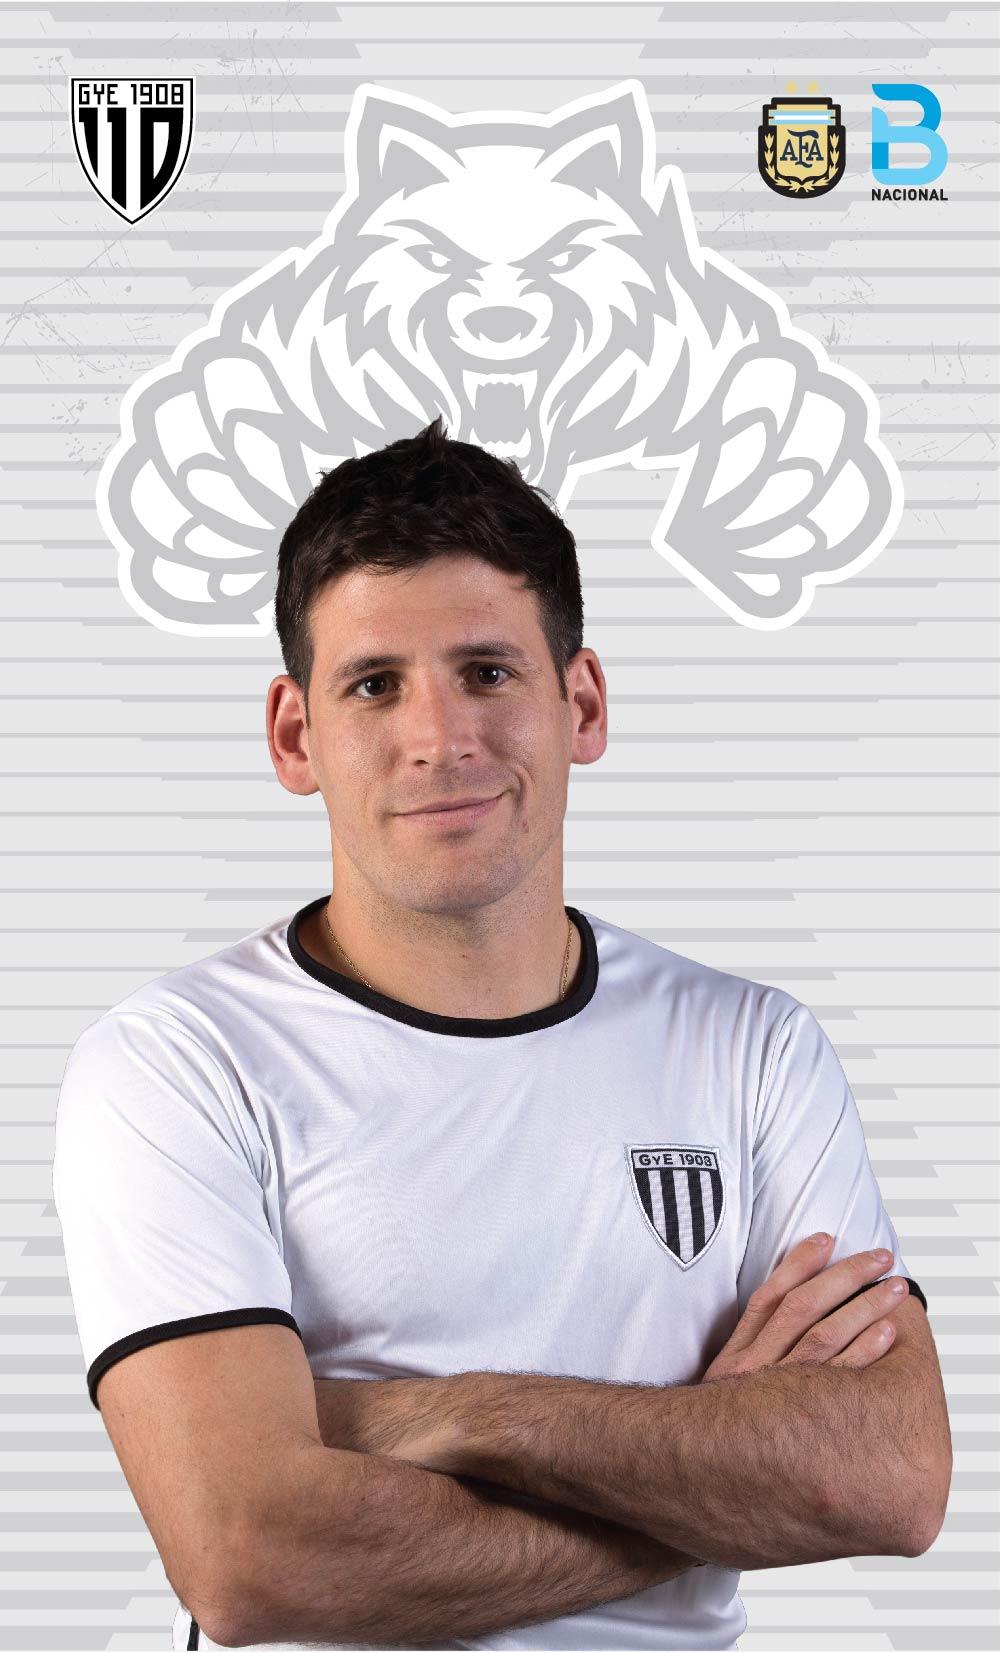 Luís Maldonado